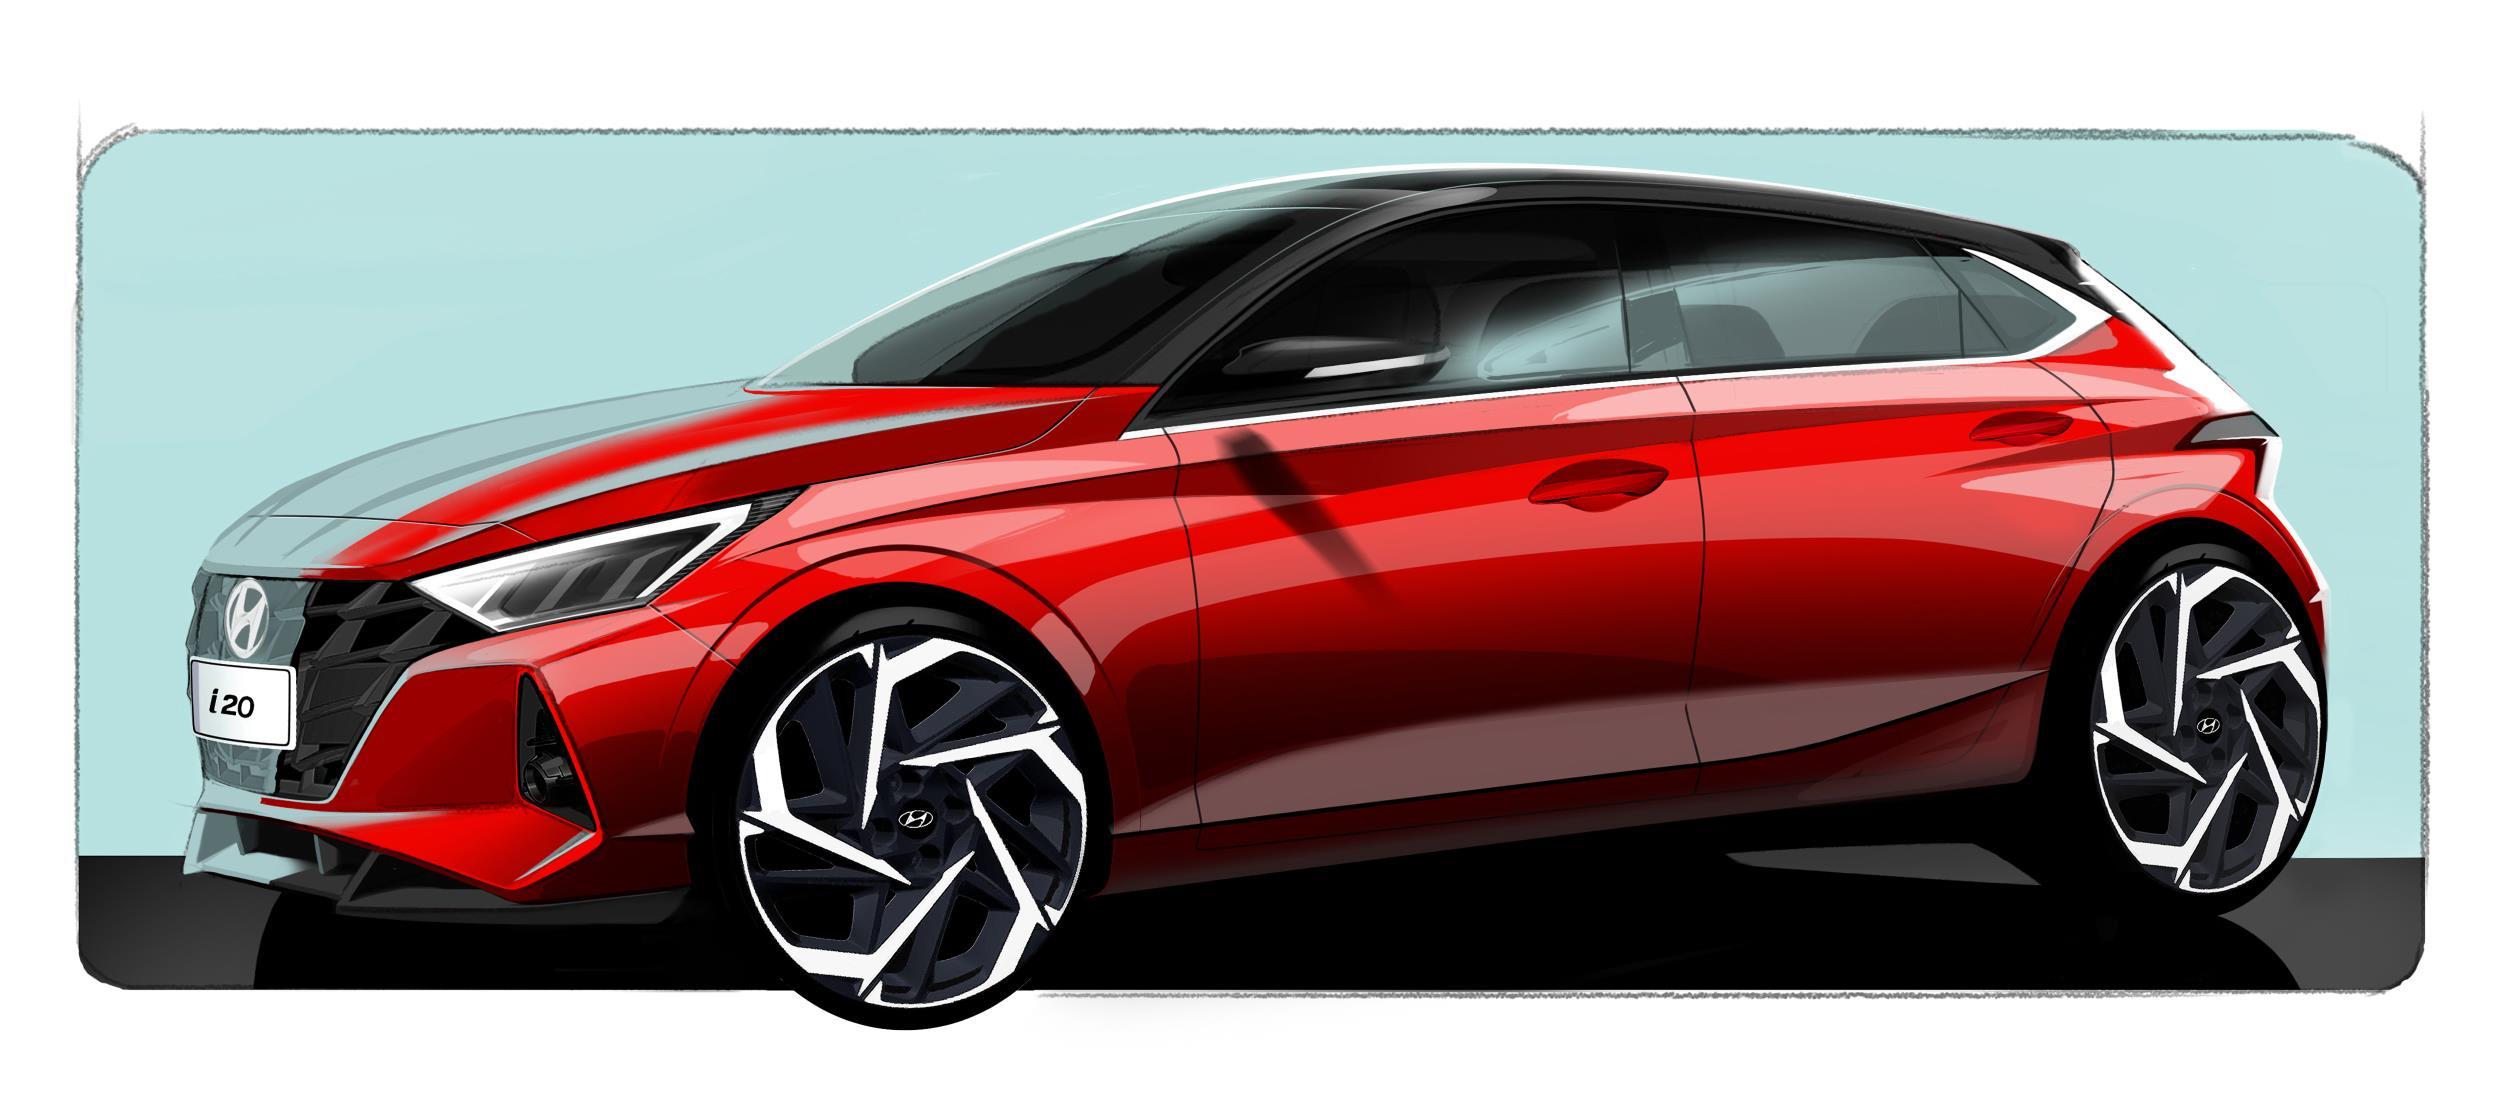 Hyundai i20 teaser sketch